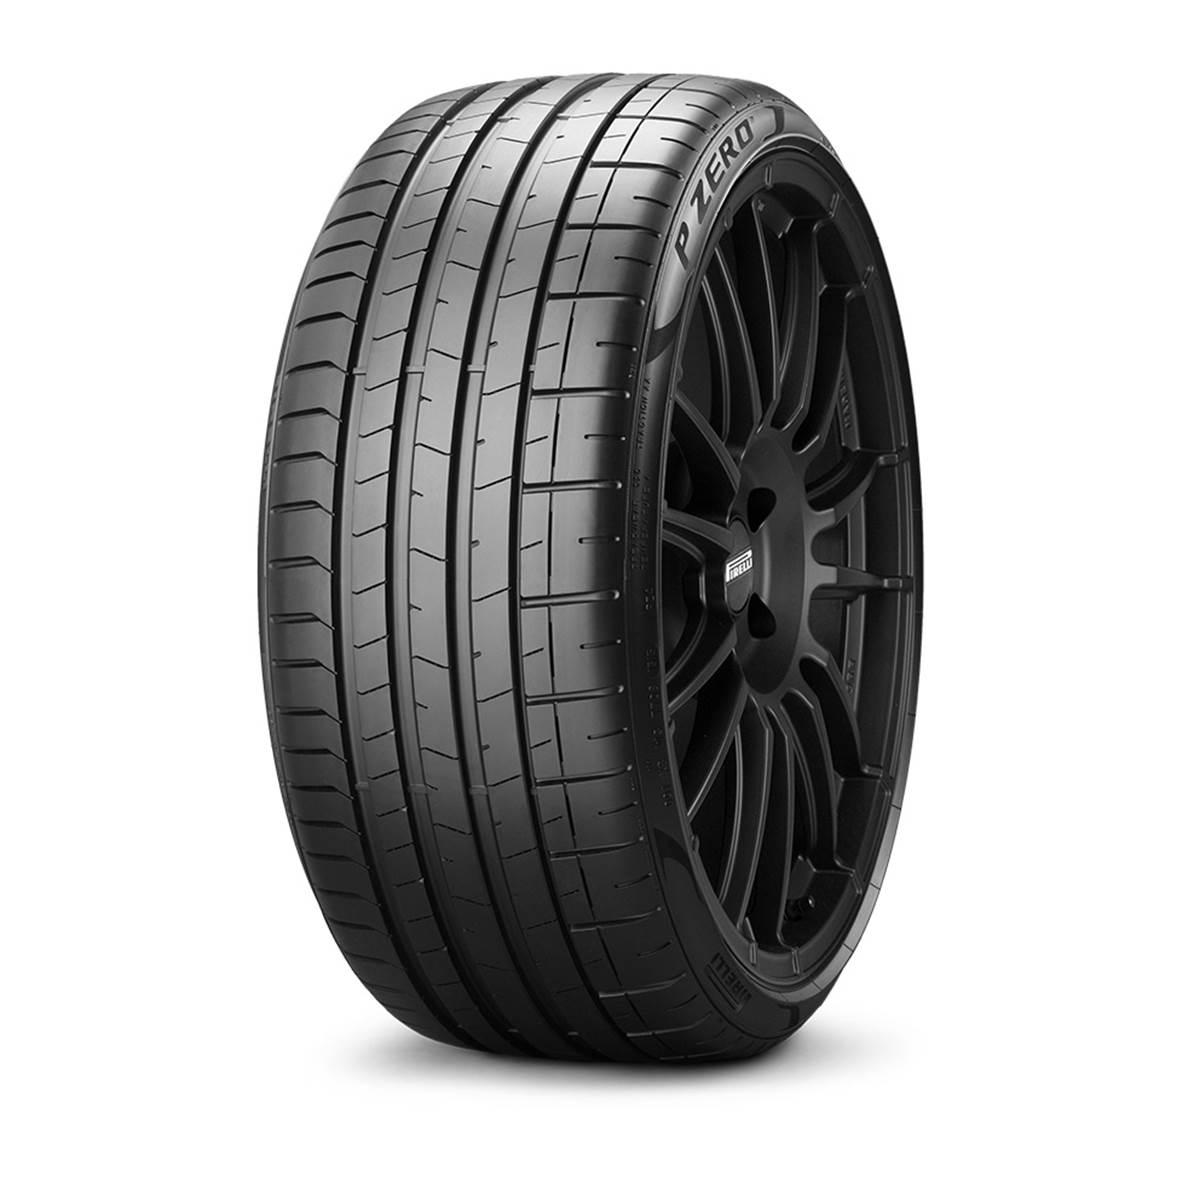 Pneu Pirelli 275/40R20 106Y Pzero XL